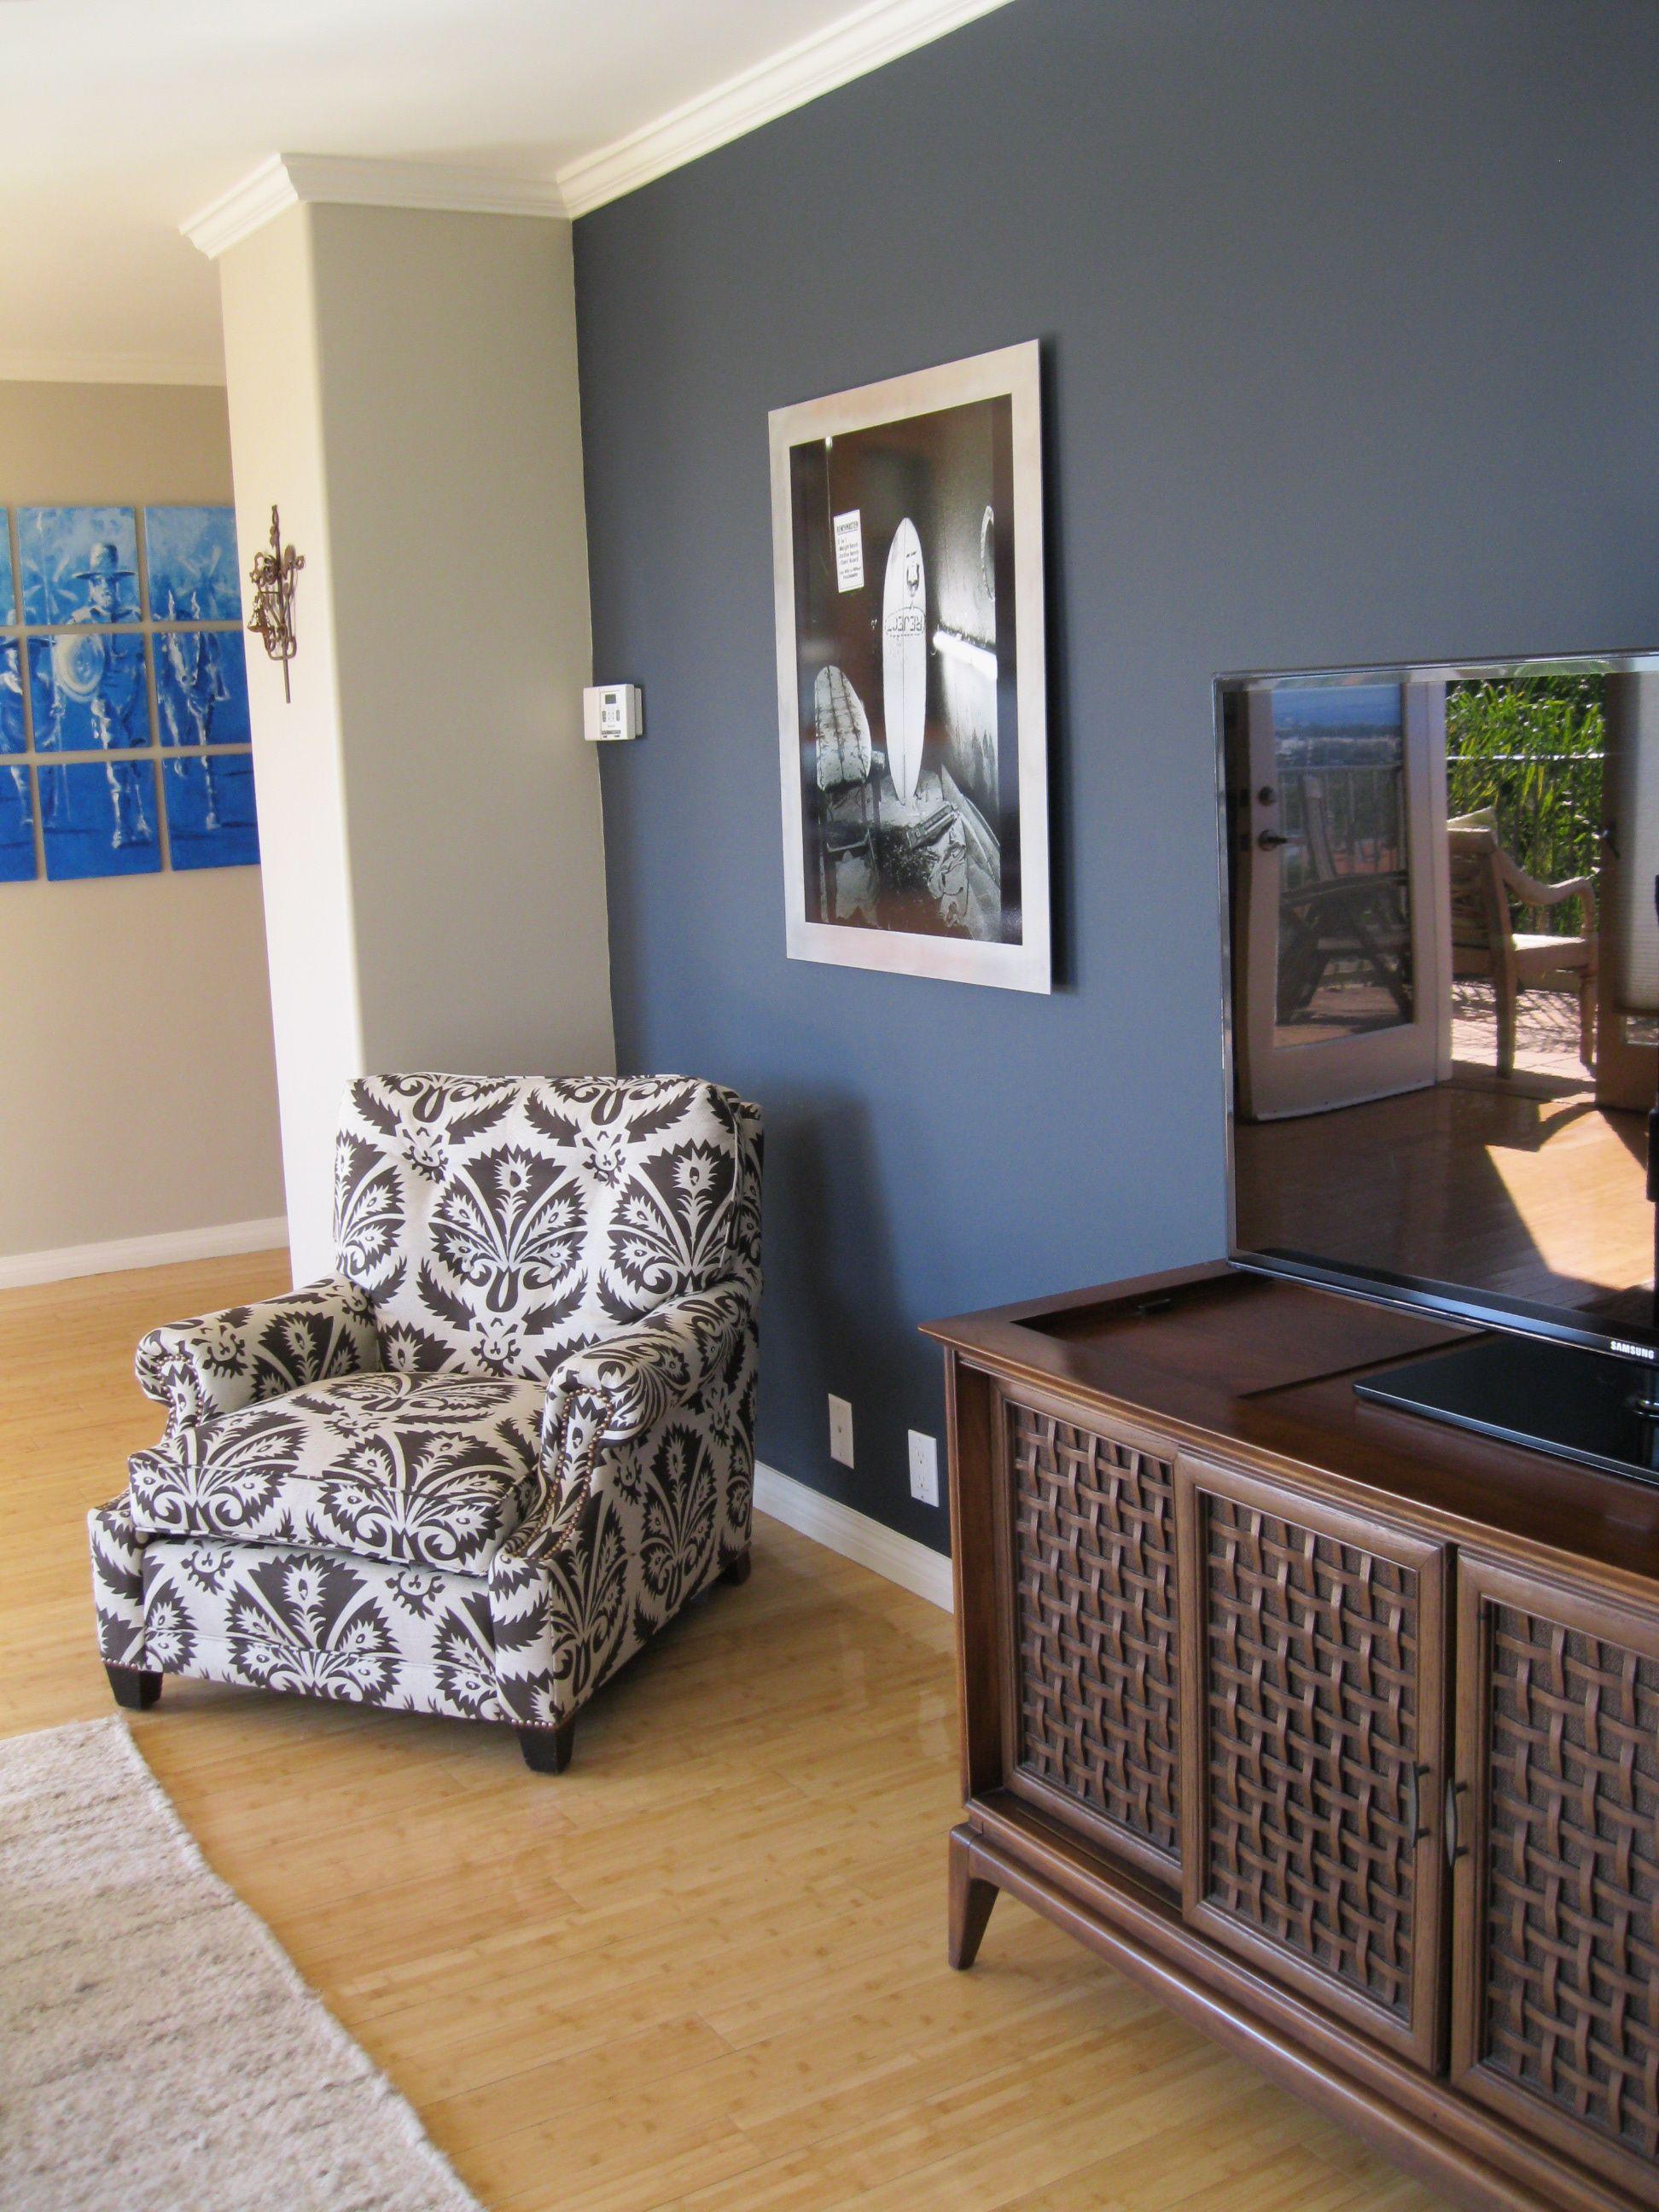 Welche Farbe Geht Mit Beige Kleid Marine Blau Und Braun Wohnzimmer ...